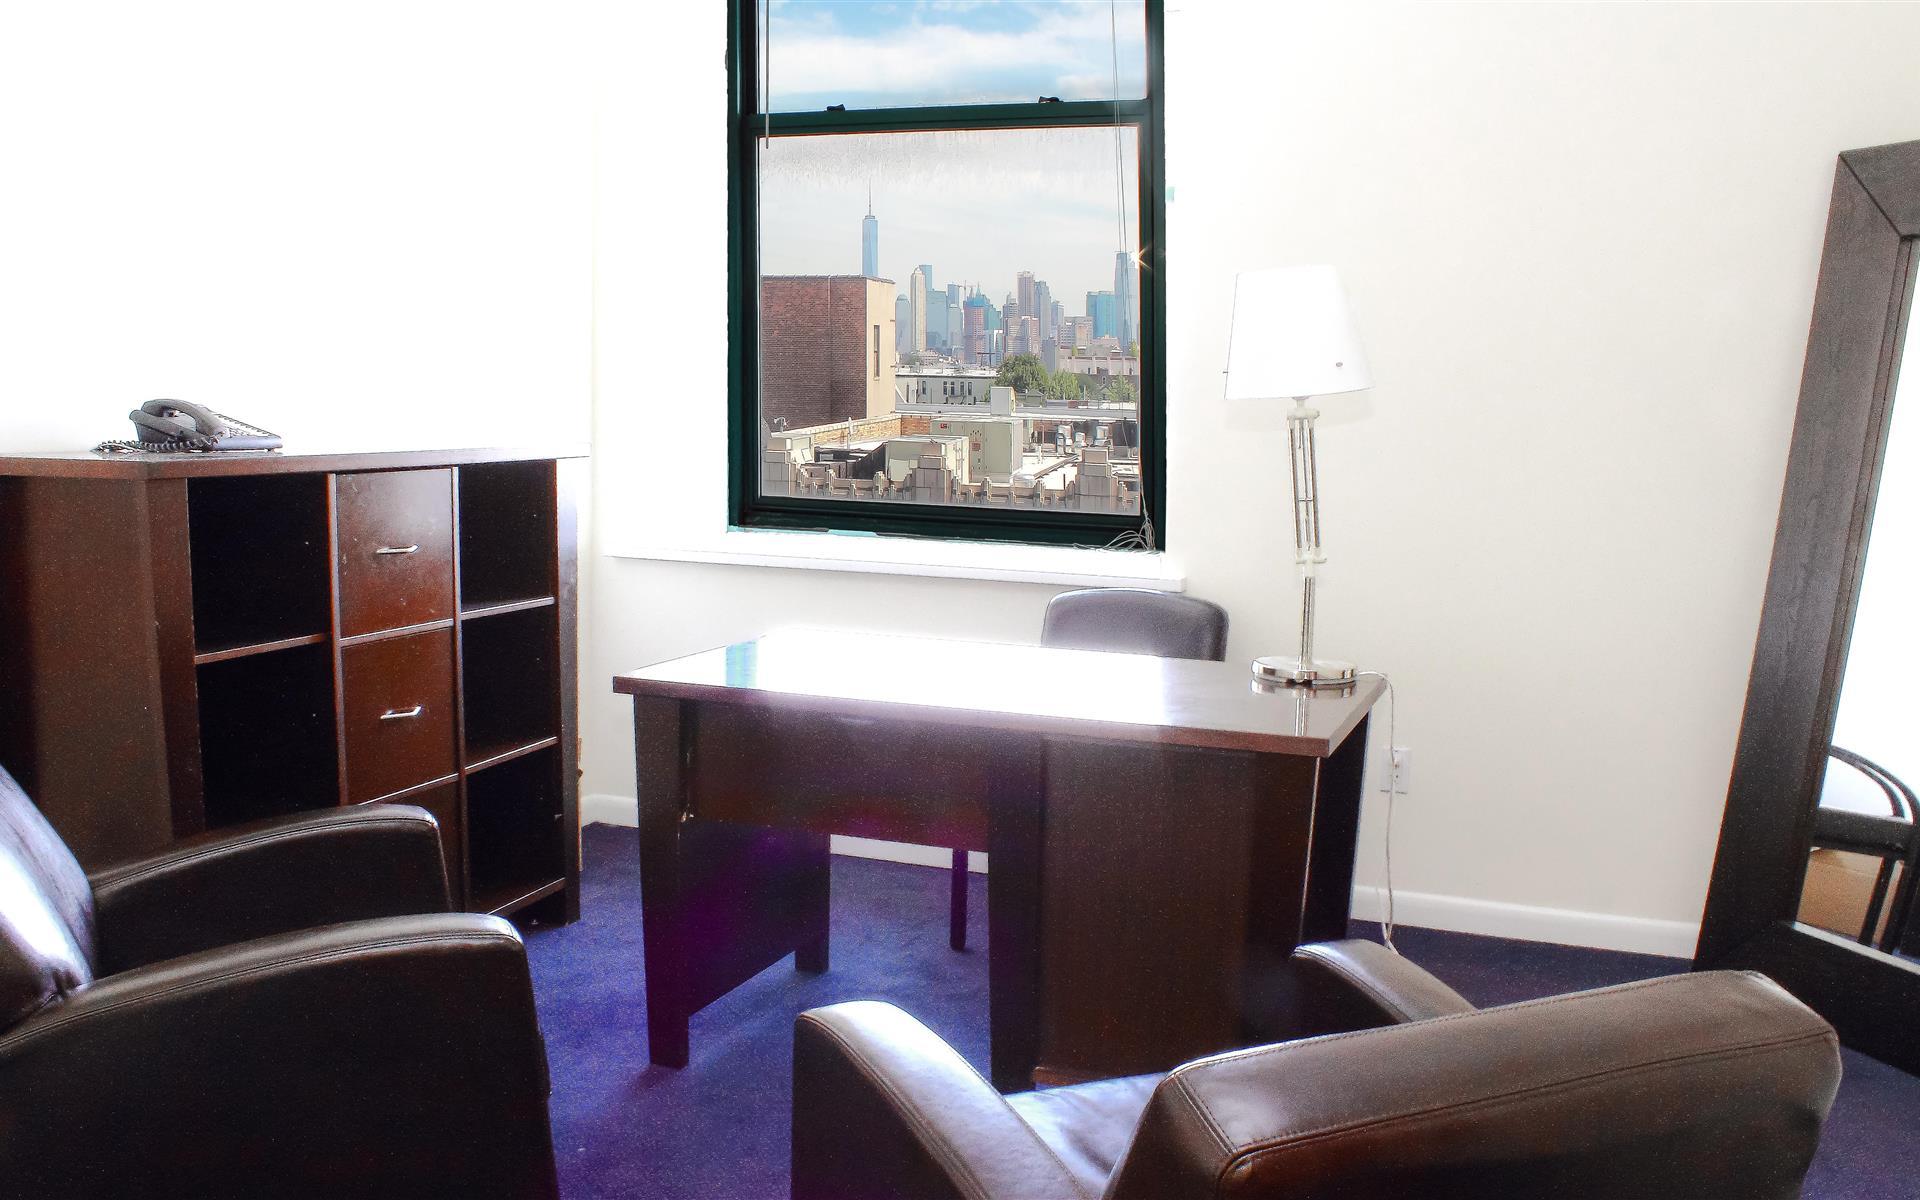 Salman Capital - 4th Floor - Shared office space